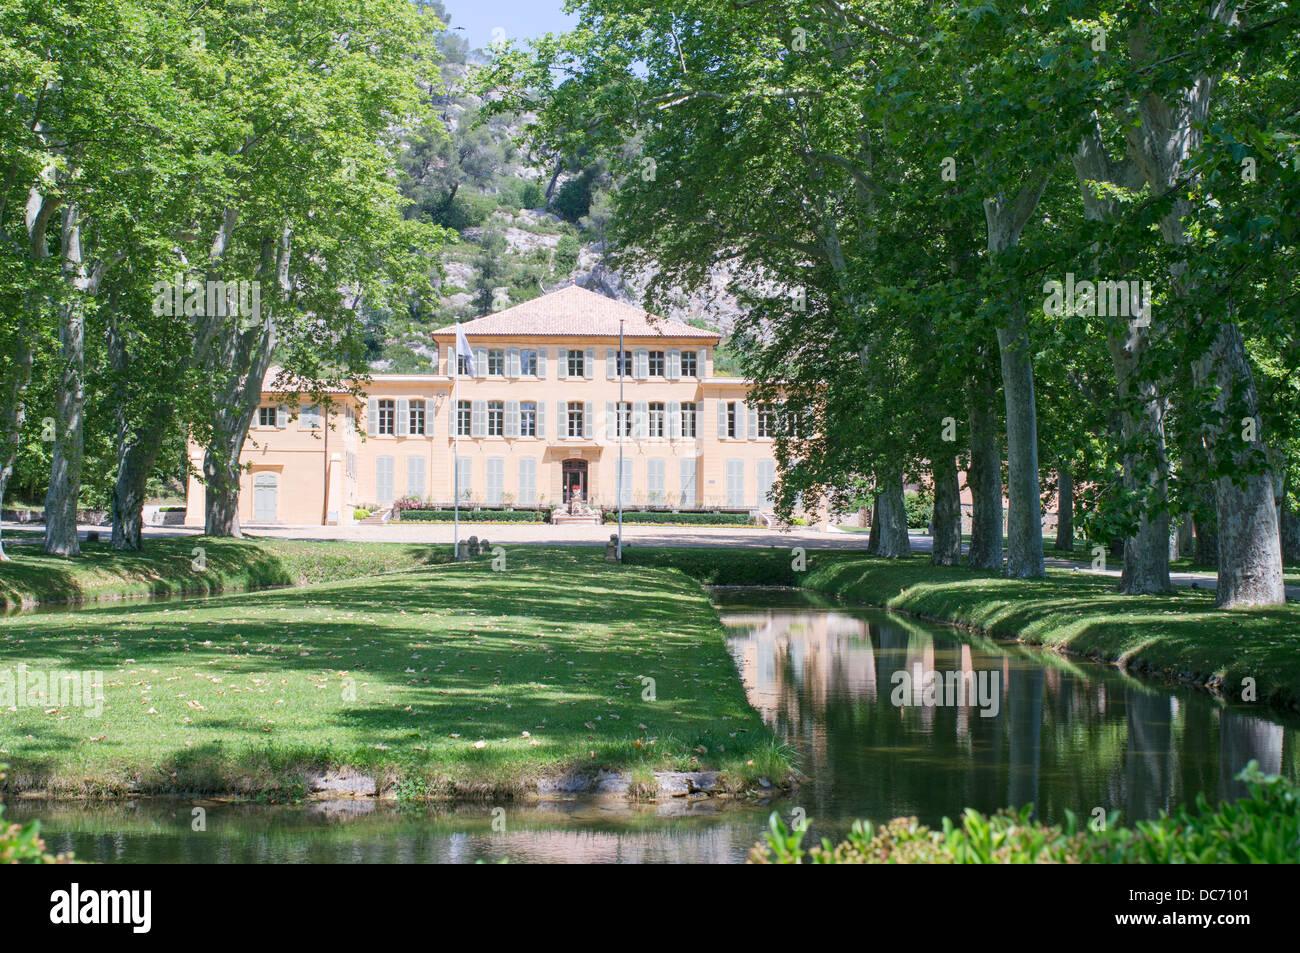 Soci t du canal de provence headquarters at le tholonet for Aix carrelage le tholonet